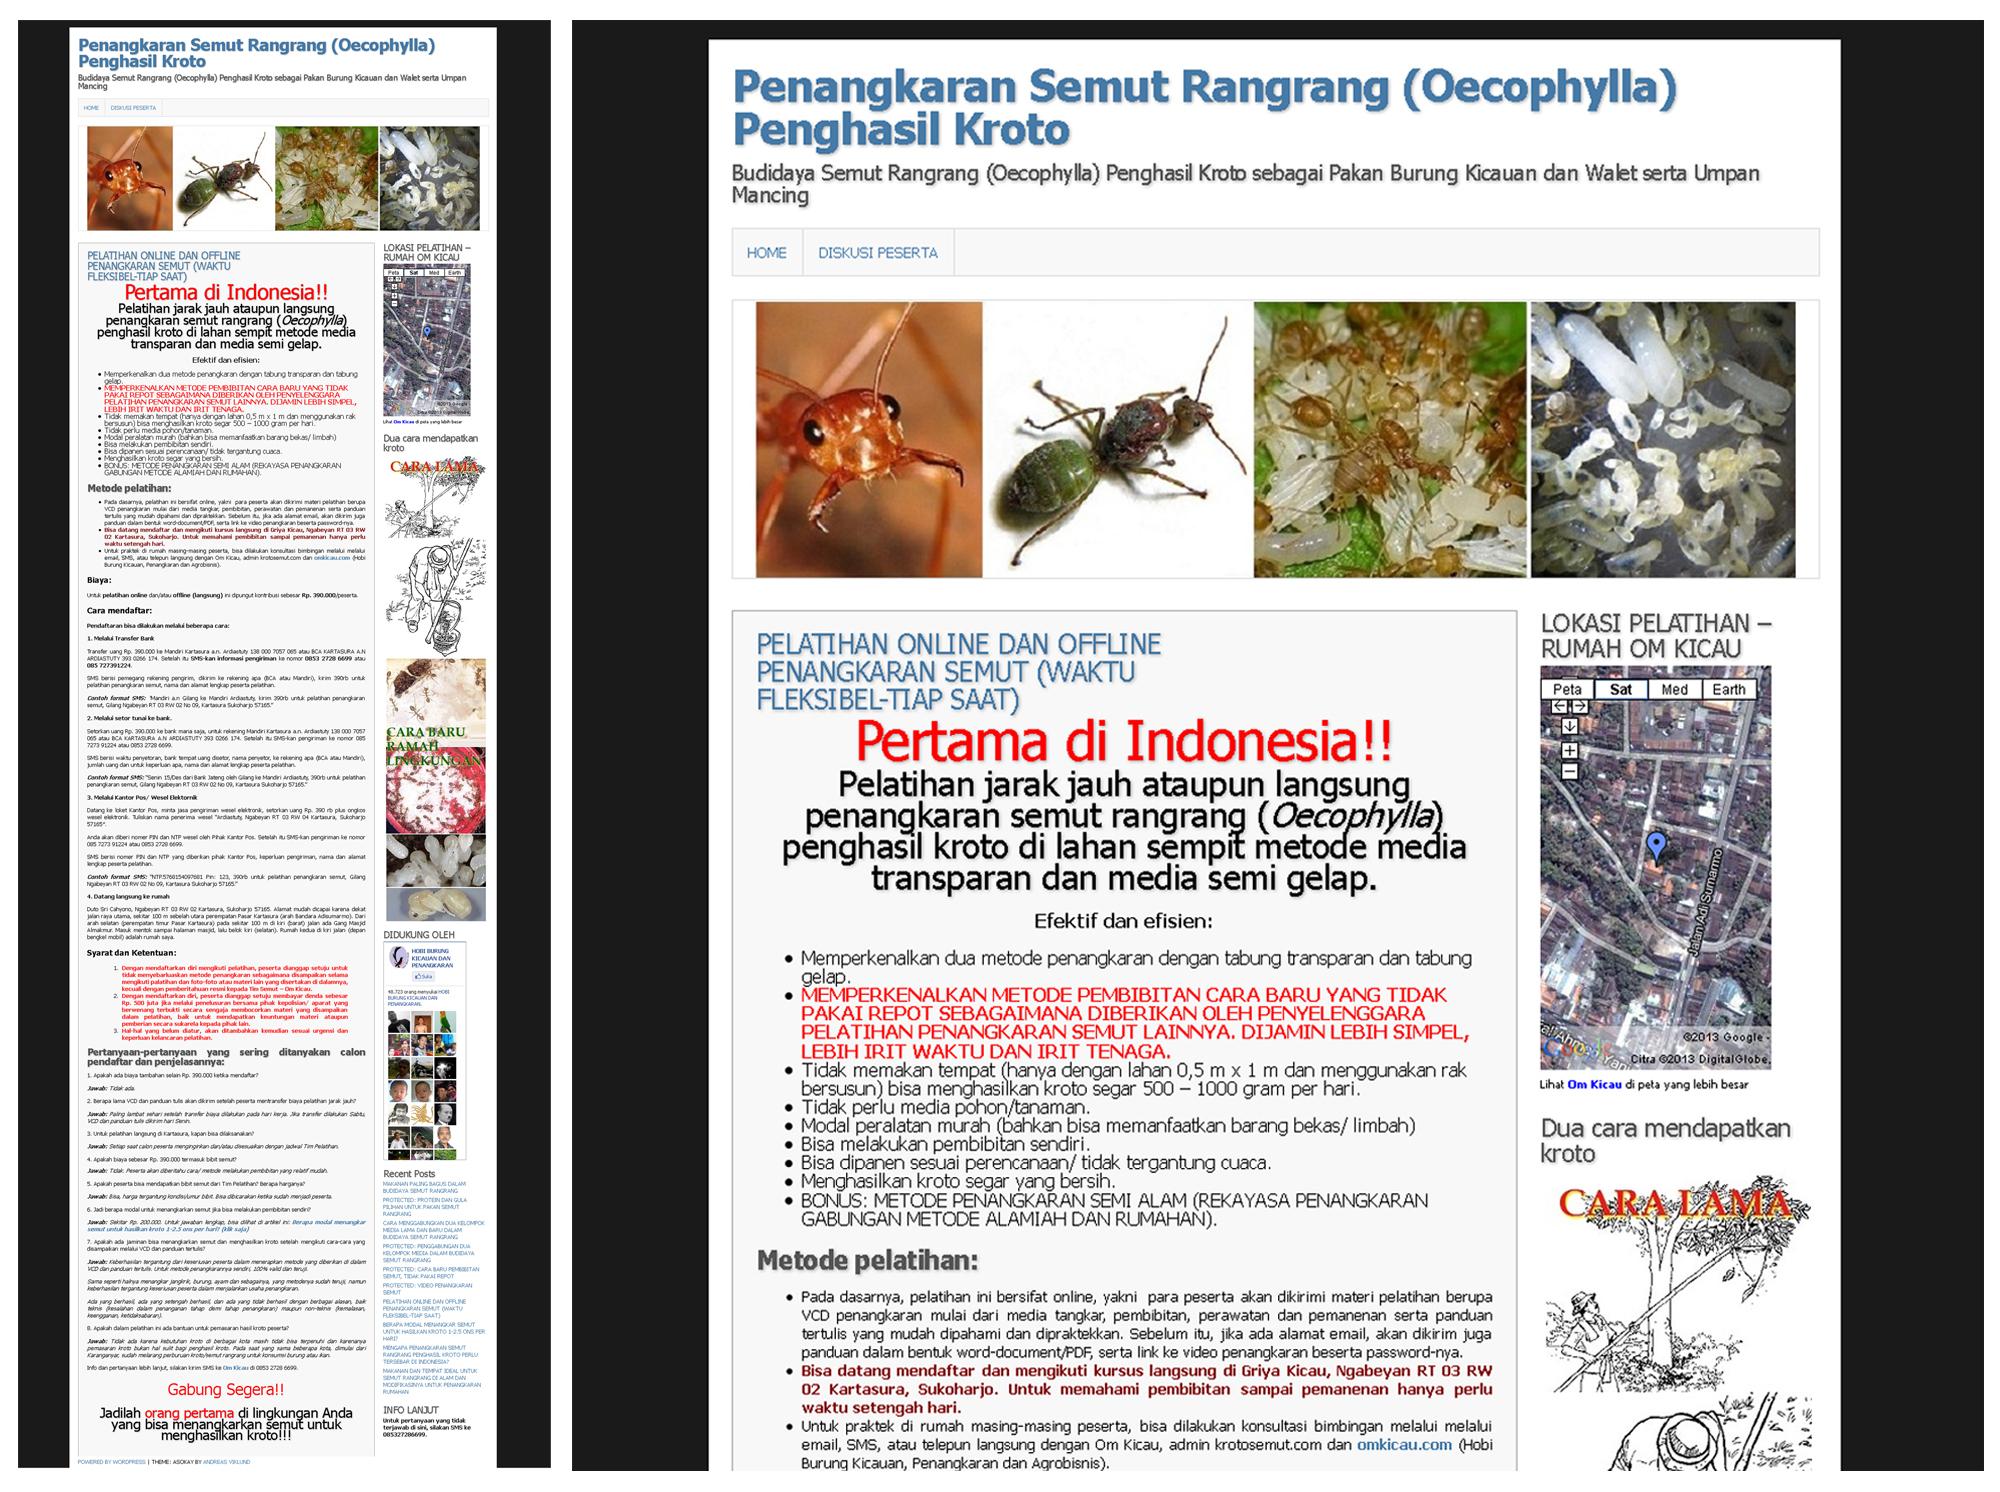 Website Kroto Semut (krotosemut.com)